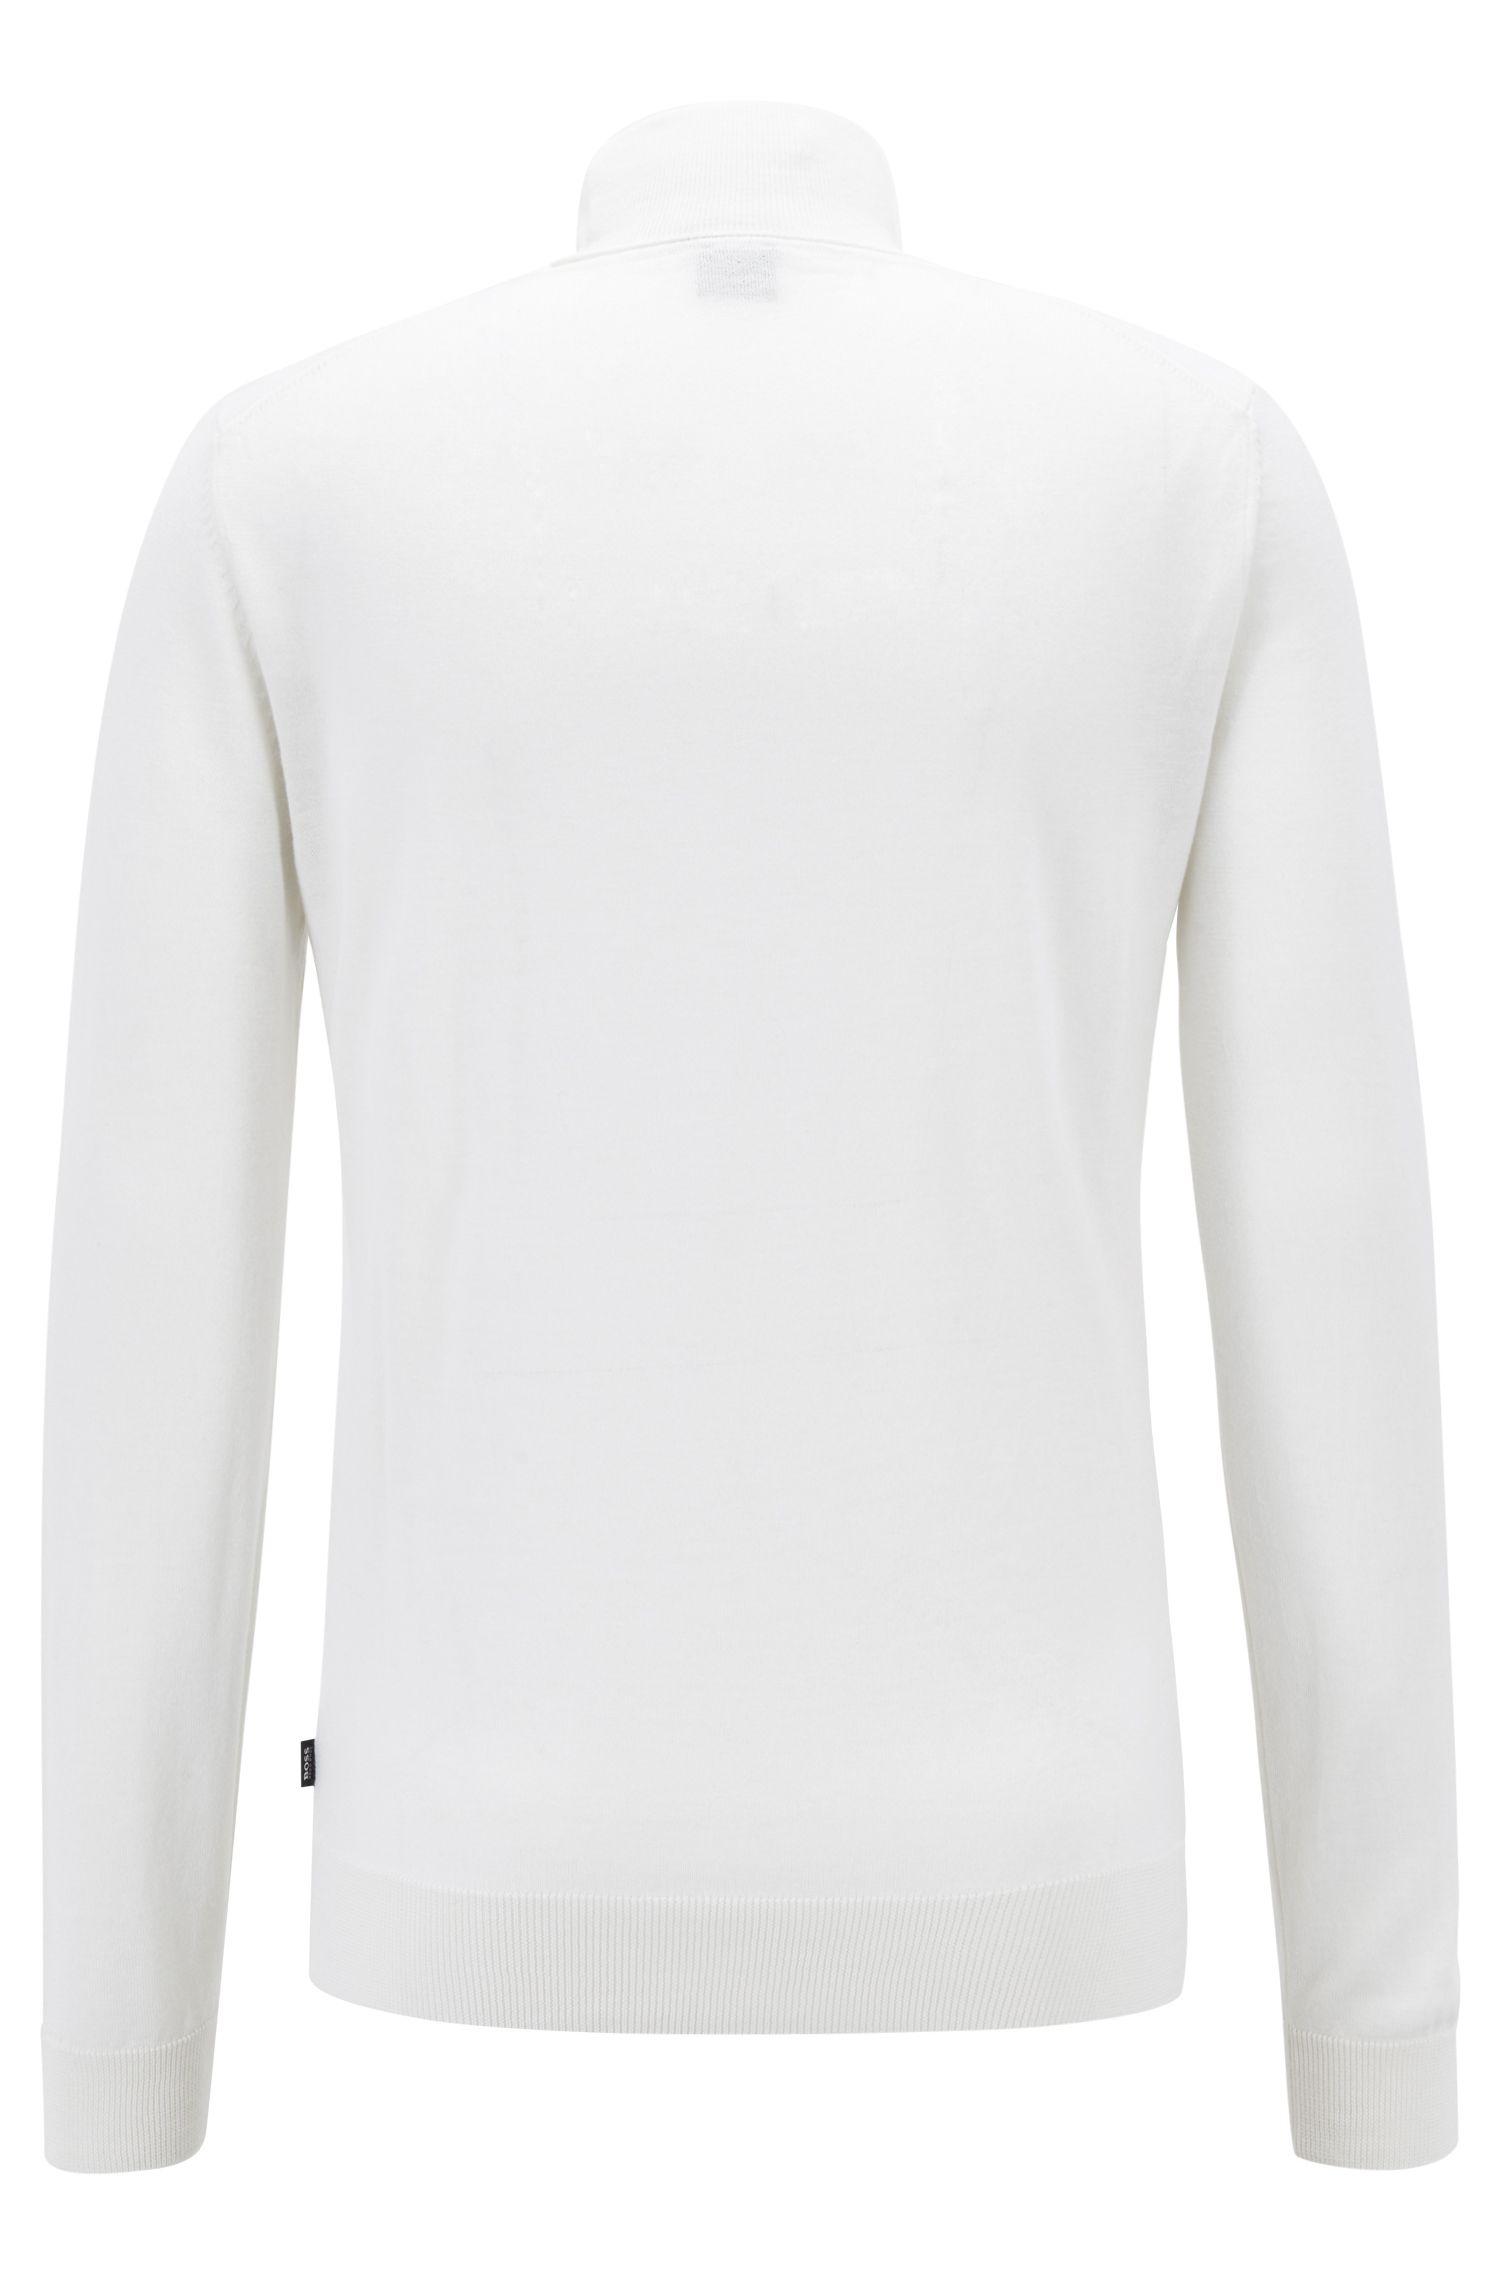 Rollkragenpullover aus Schurwolle mit Seide im Dip-Dye-Look, Weiß